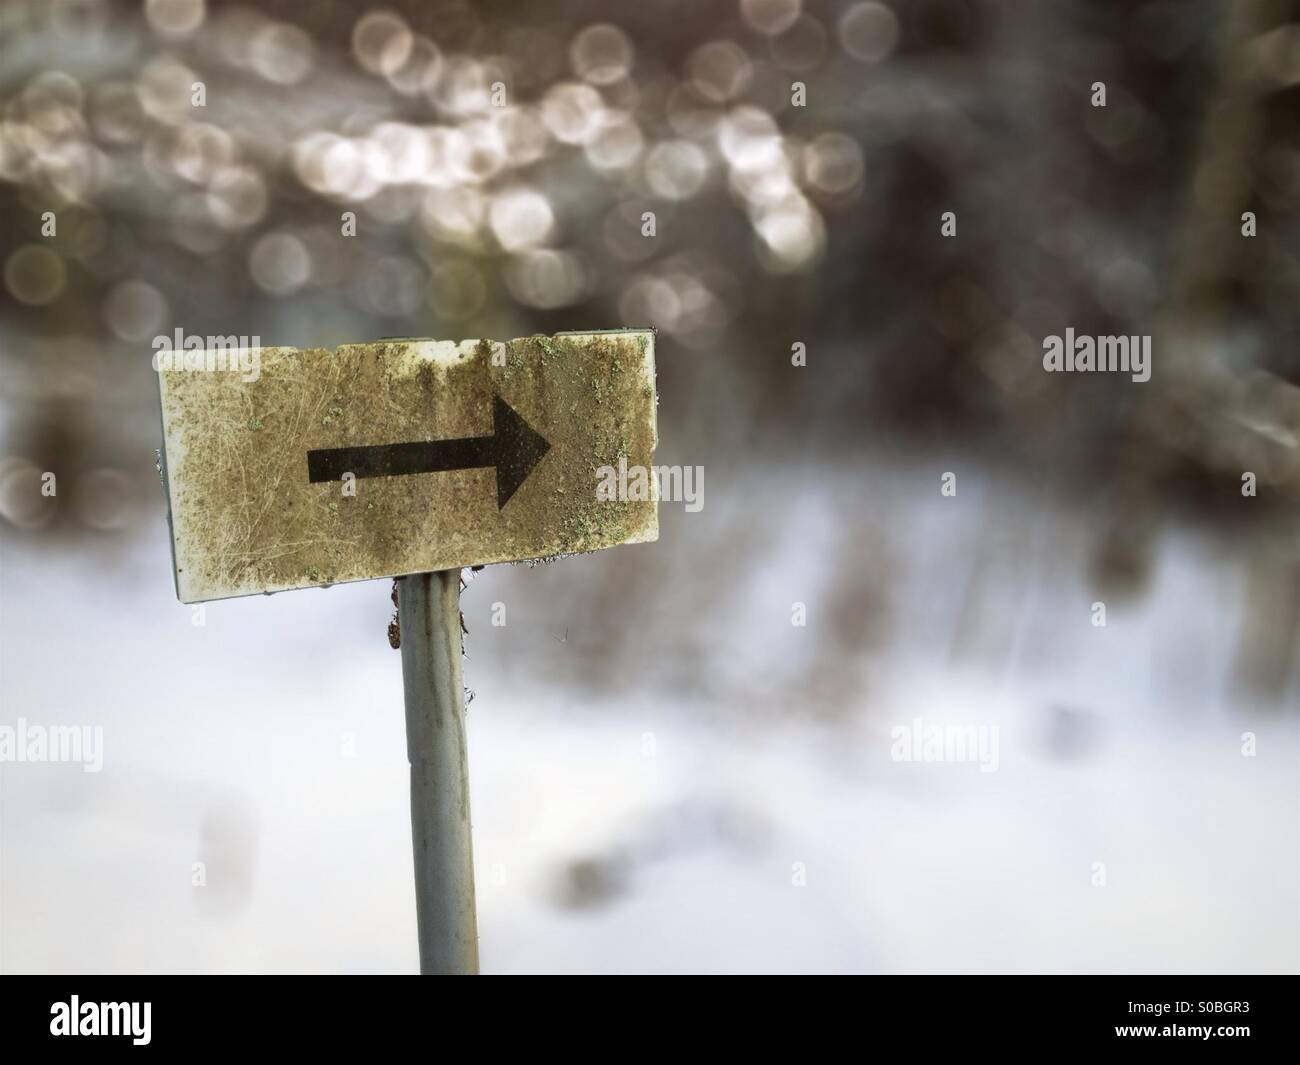 Señal de flecha con bokeh y nieve en segundo plano. Imagen De Stock